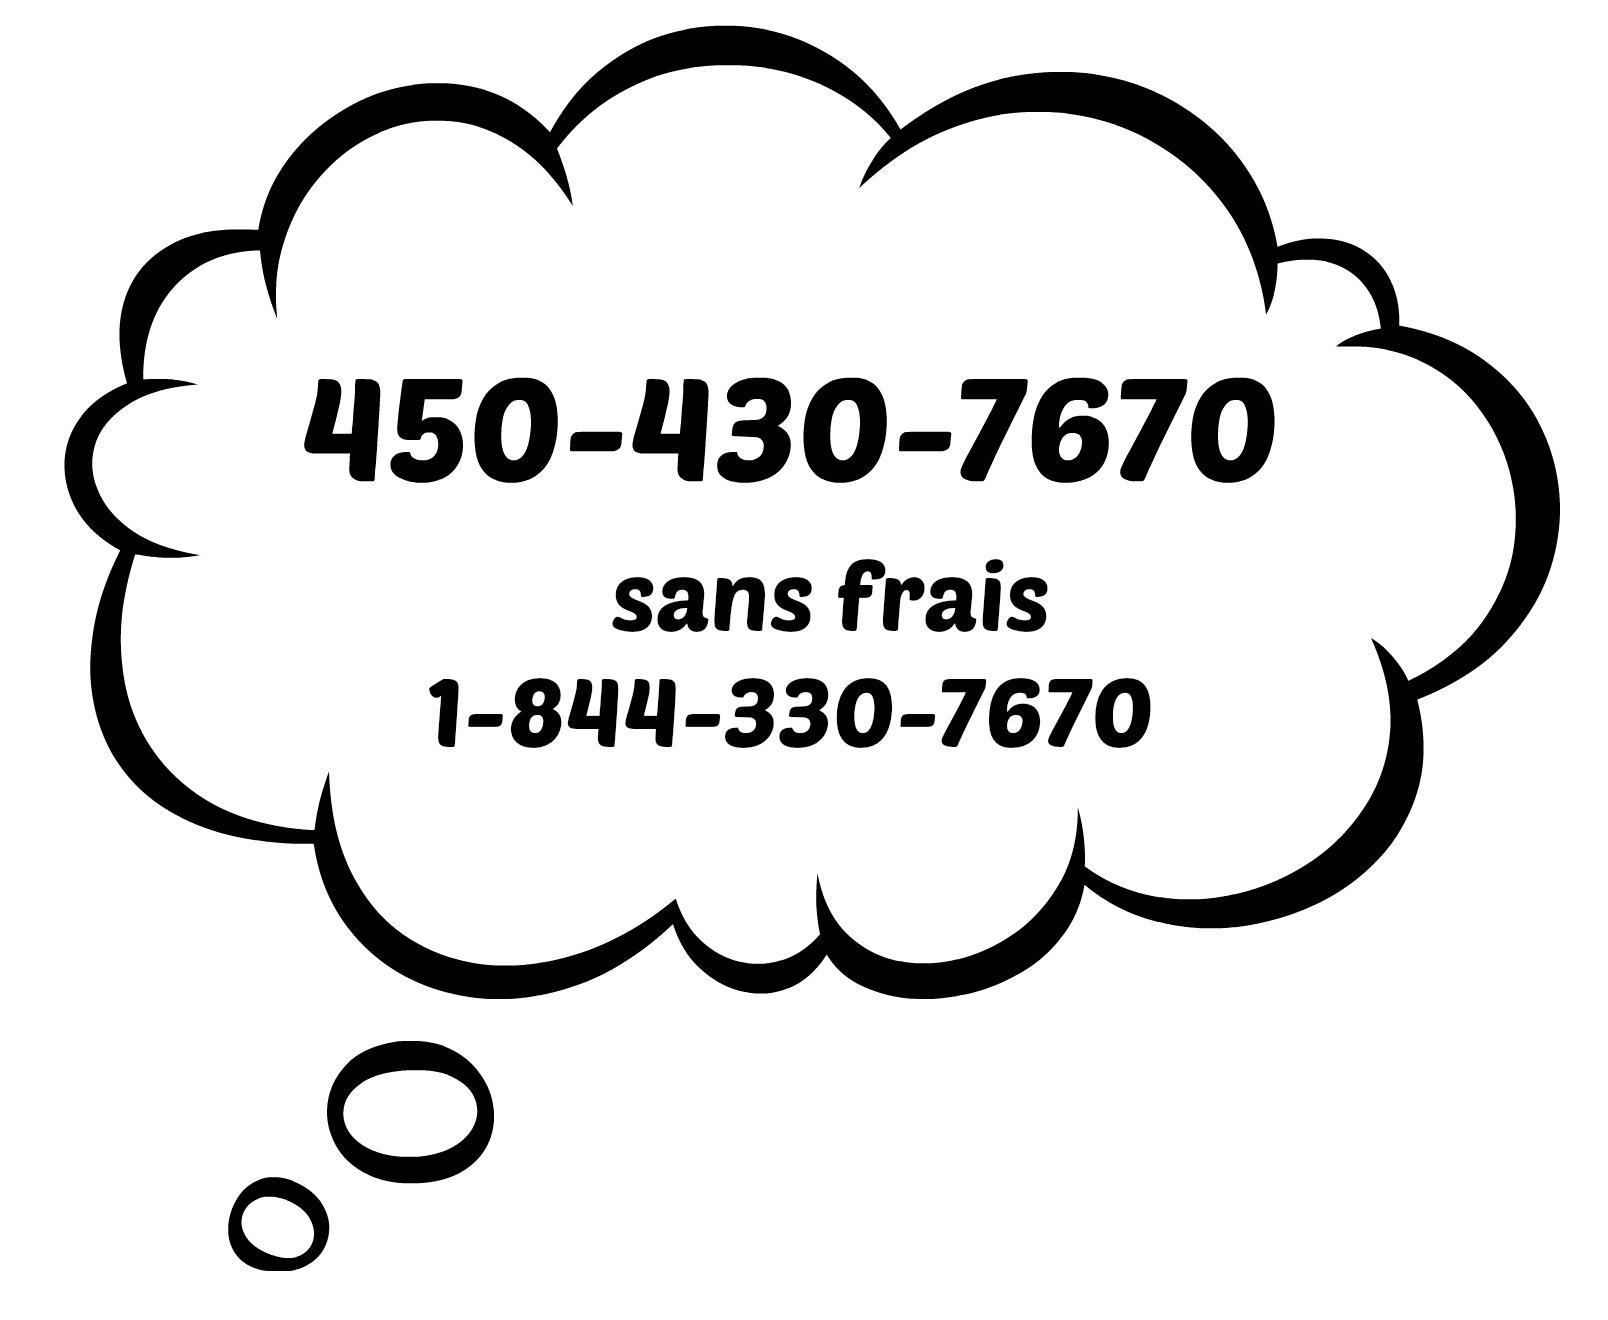 tutorat contact sosprof